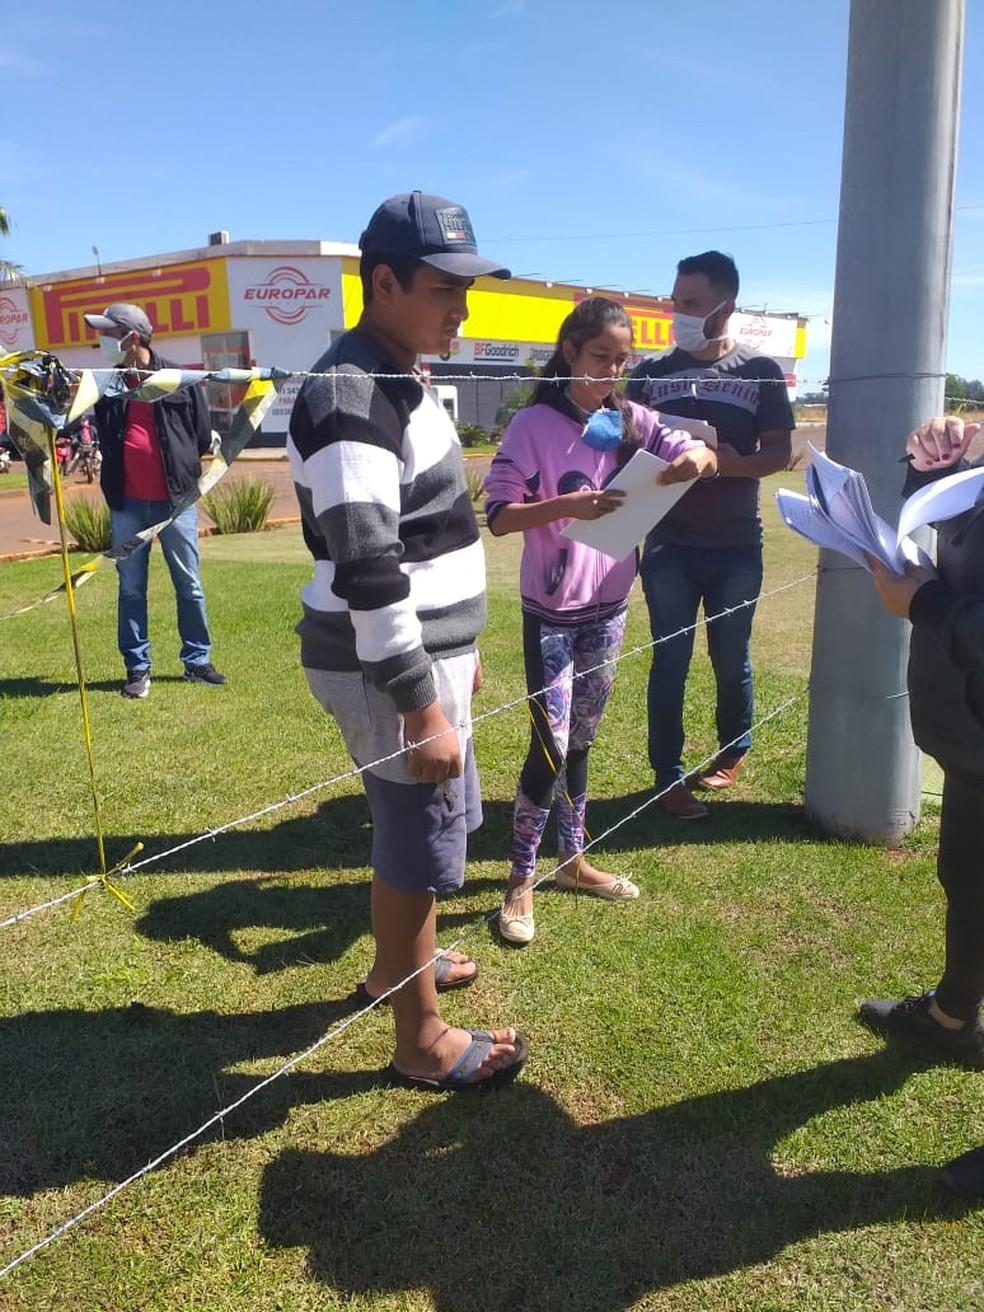 Alunos paraguaios que estudam no brasil recebem atividades em período de quarentena.  Foto: Tânia Loureiro/Arquivo Pessoal